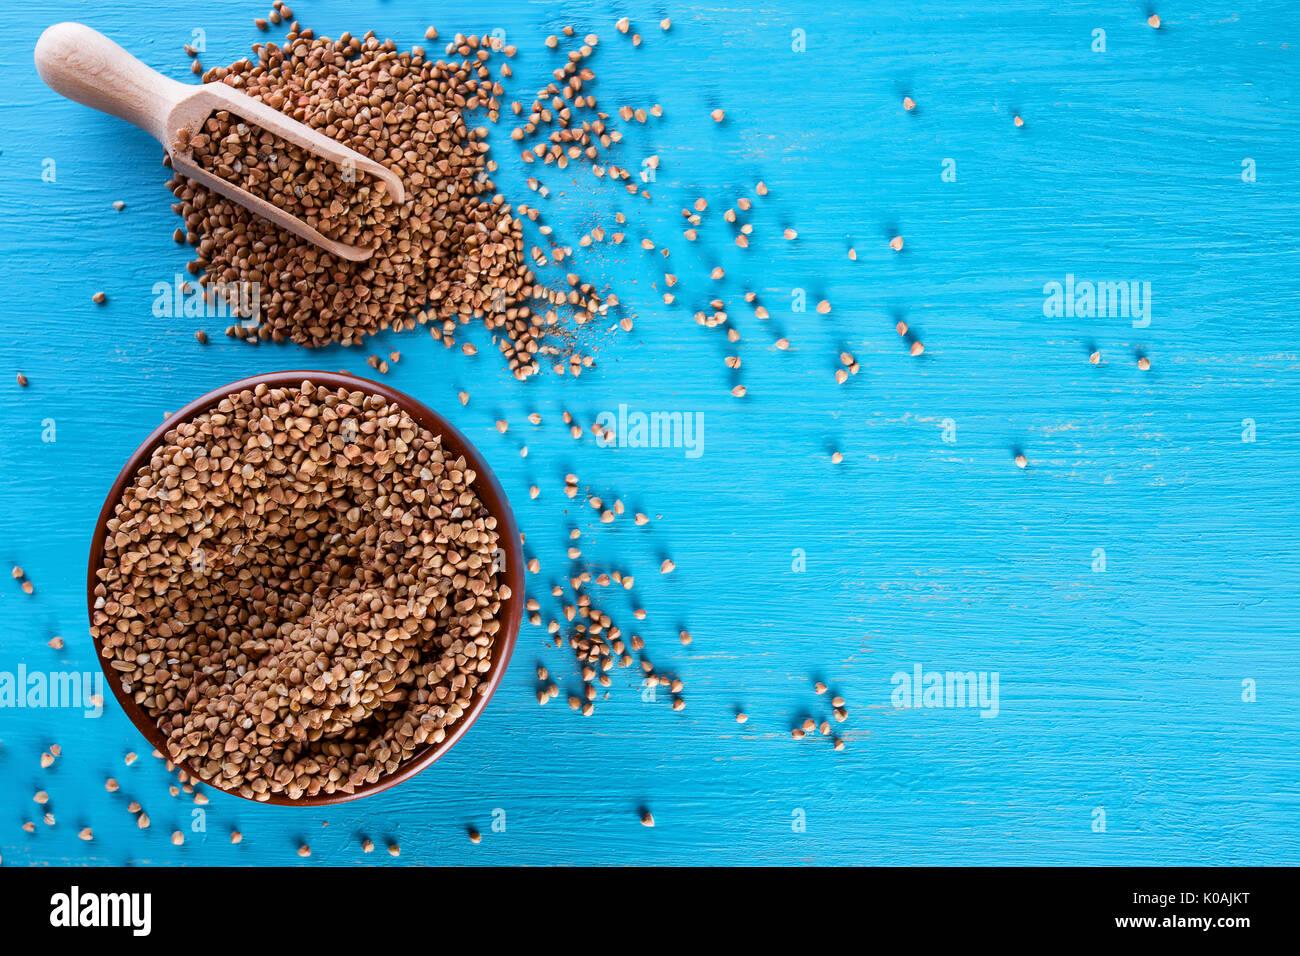 Ciotola di argilla con il grano saraceno groppa su uno sfondo blu Foto Stock